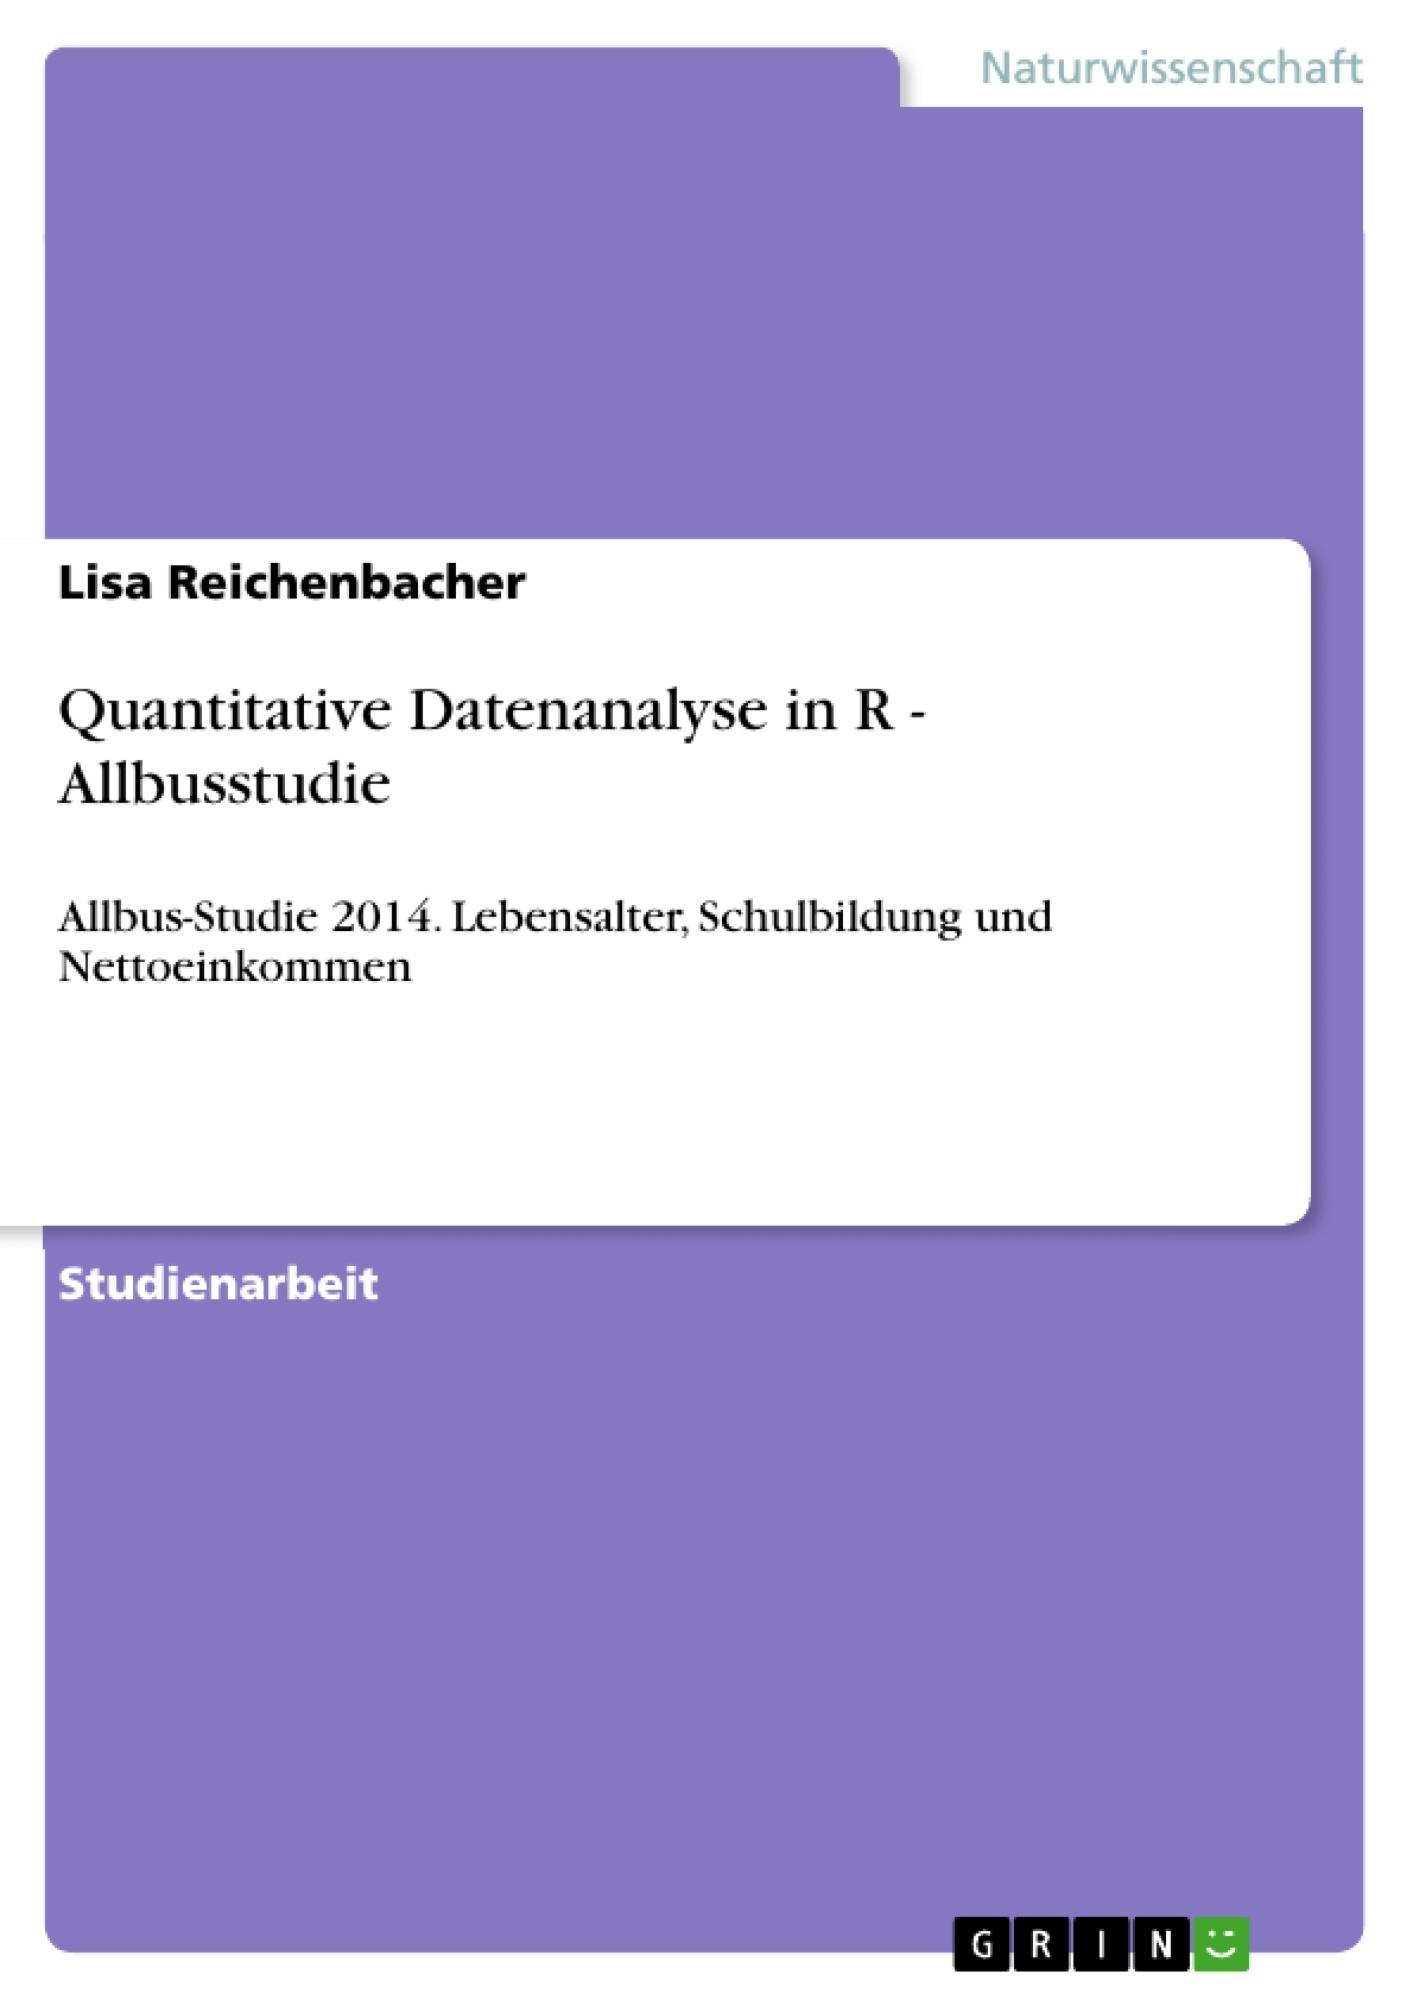 Titel: Quantitative Datenanalyse in R - Allbusstudie